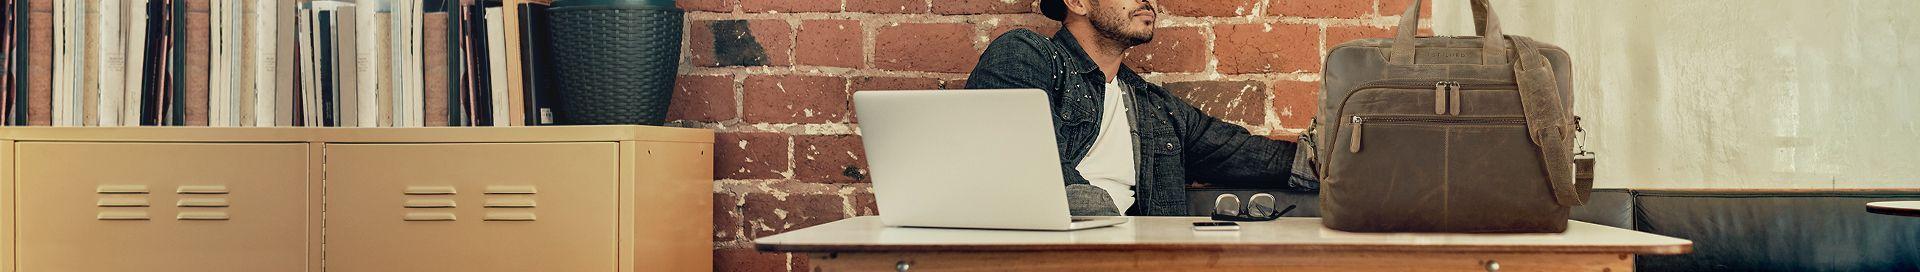 SID /& VAIN/® Borsa tracolla porta pc vera pelle SPENCER grande XL cartella laptop computer portatile 15 Messenger porta-documenti Universit/à Ufficio Business 15,4 pollici uomo cuoio nero